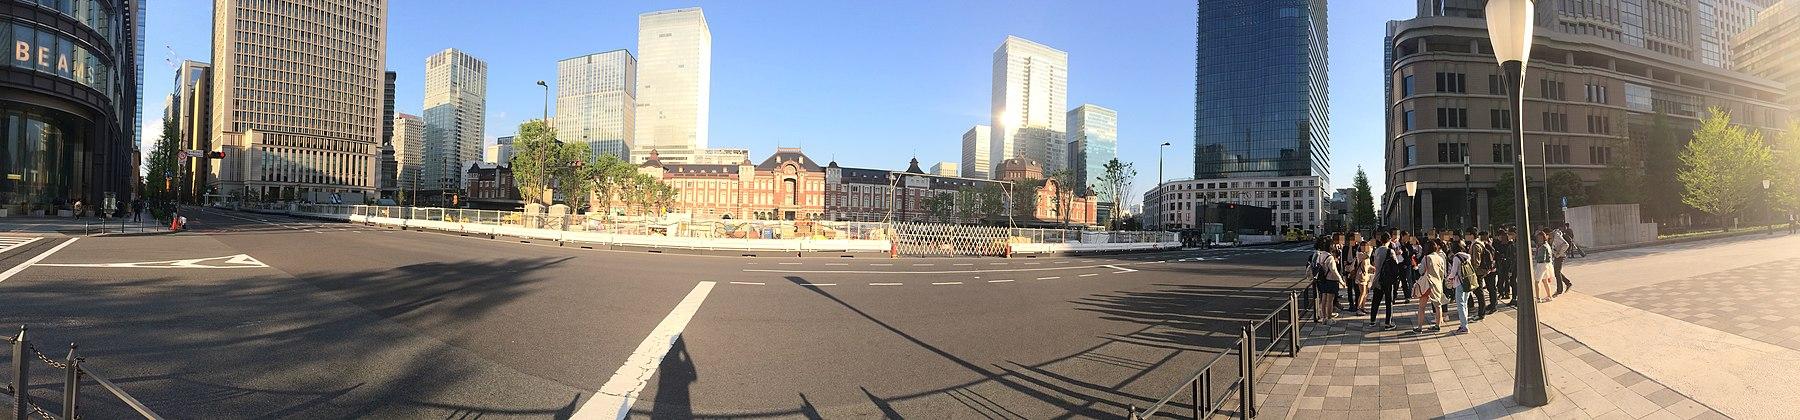 TokyoStation (34093470030).jpg